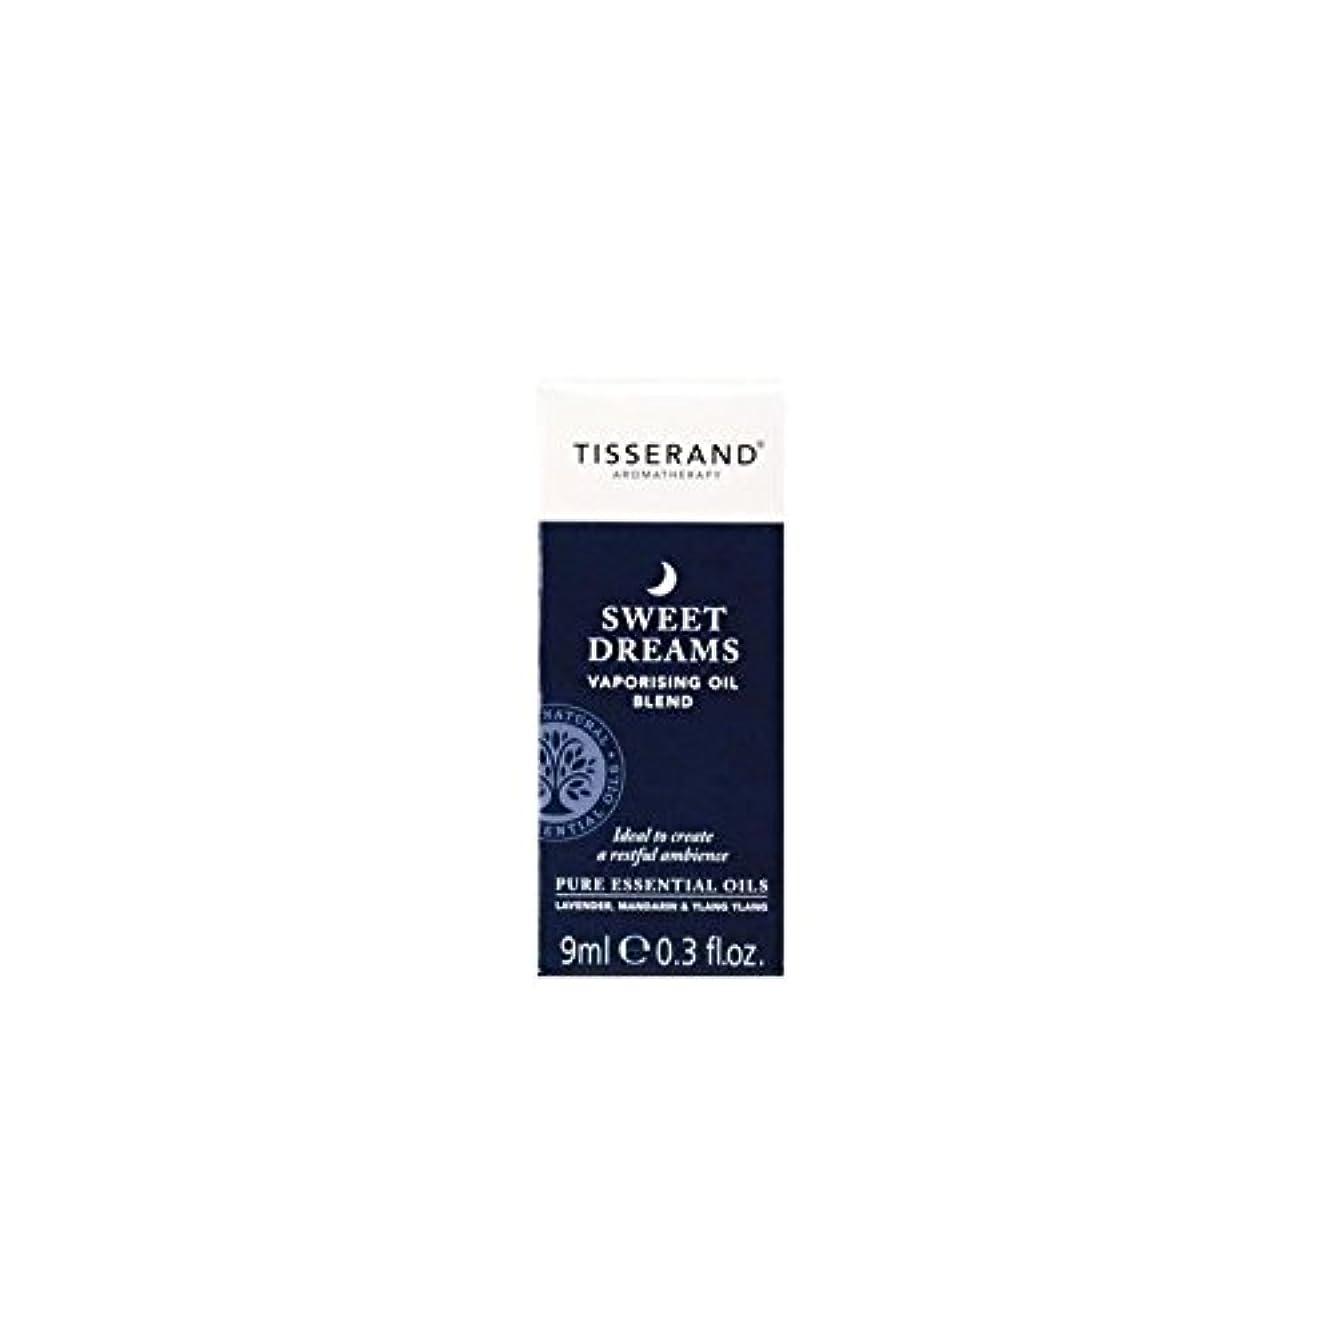 散逸不正直従事したオイル9ミリリットルを気化甘い夢 (Tisserand) - Tisserand Sweet Dreams Vaporising Oil 9ml [並行輸入品]